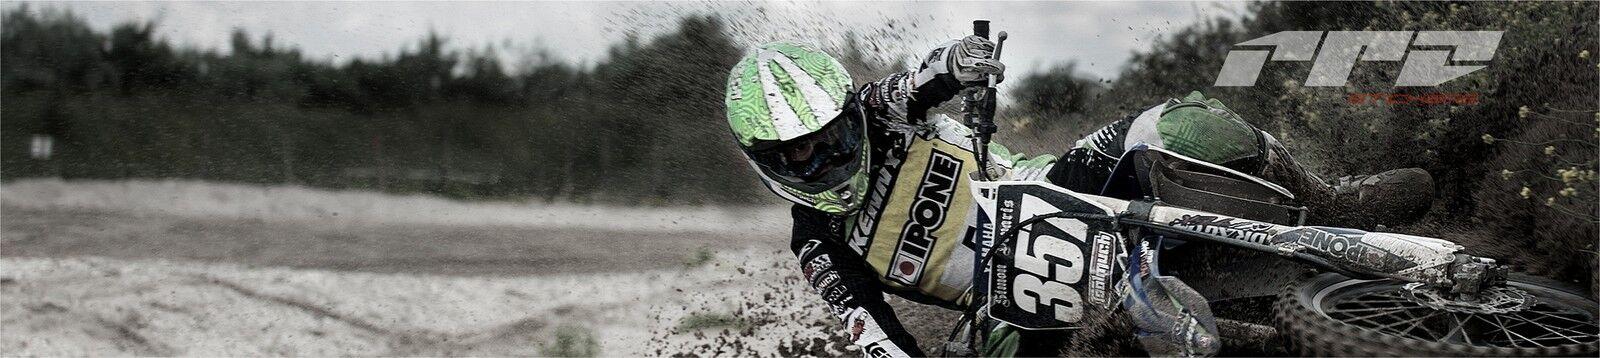 Prostickers motocross graphics